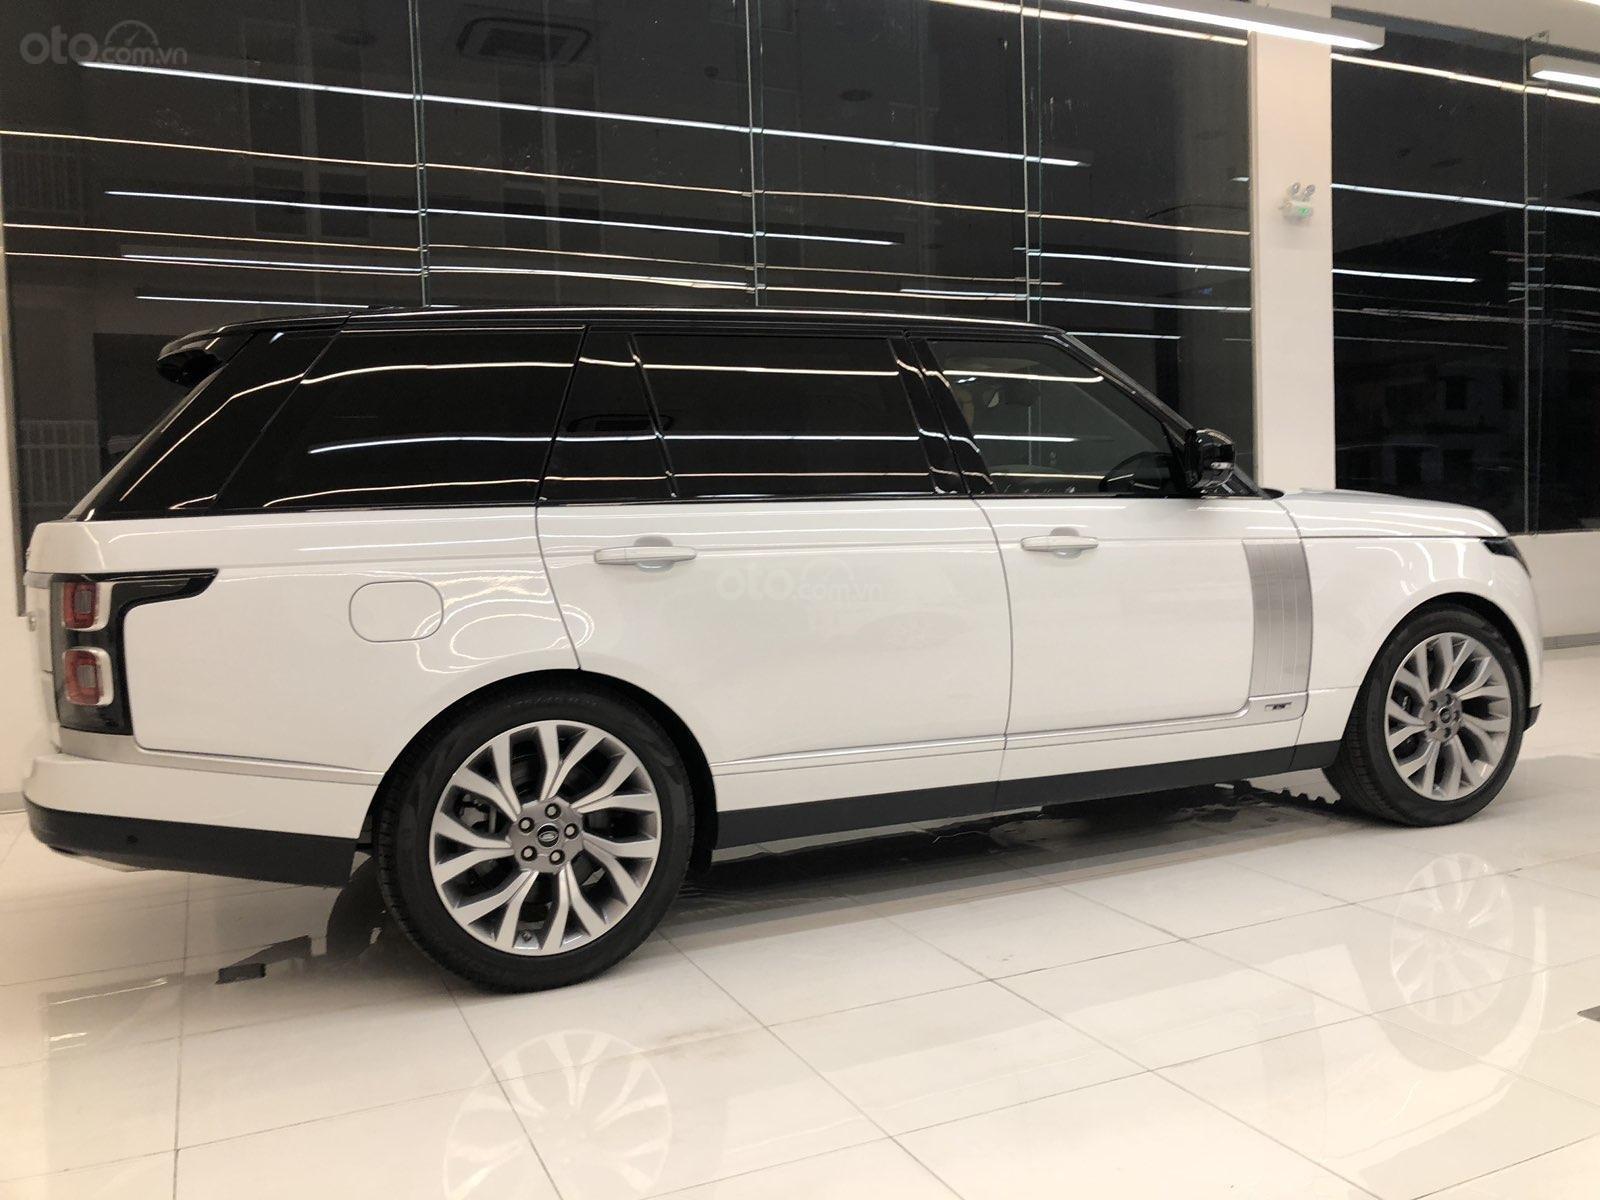 093 22222 53 bán LandRover Range Rover Autobiography Long 2019, màu trắng, đen, xanh, xám - giao xe - toàn quốc (4)